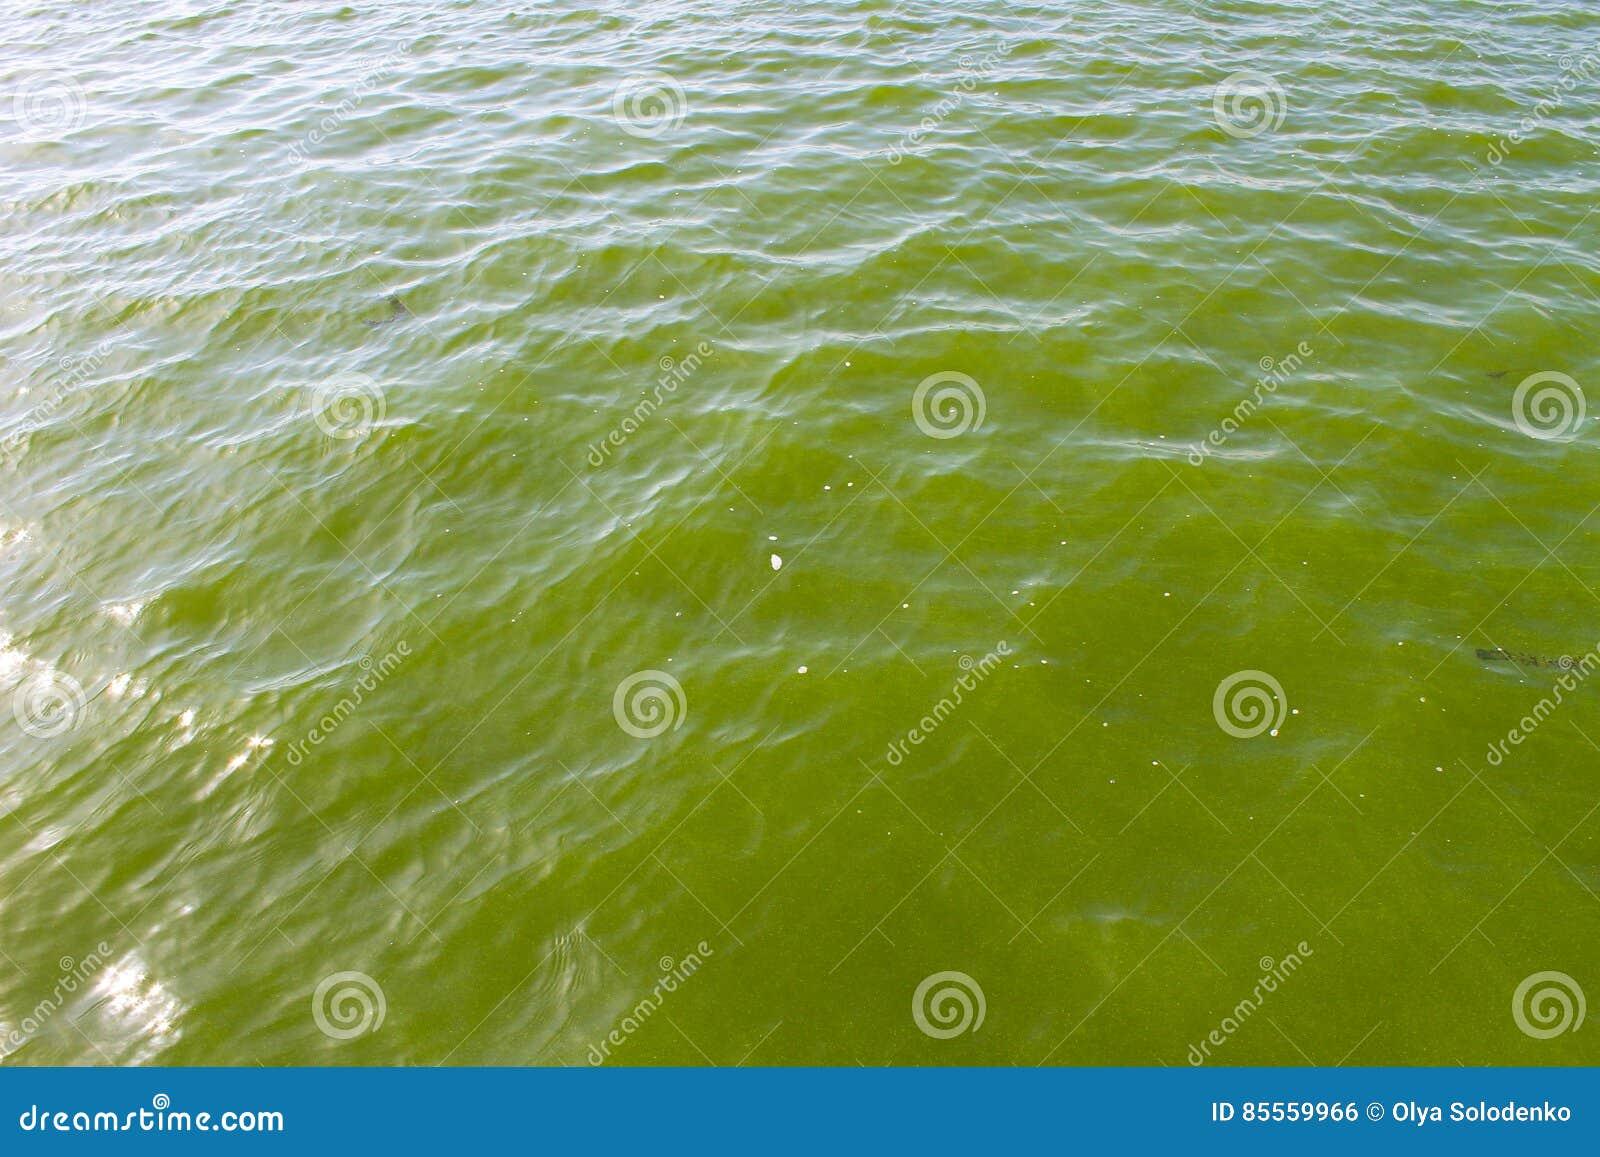 Blühendes grünes Wasser